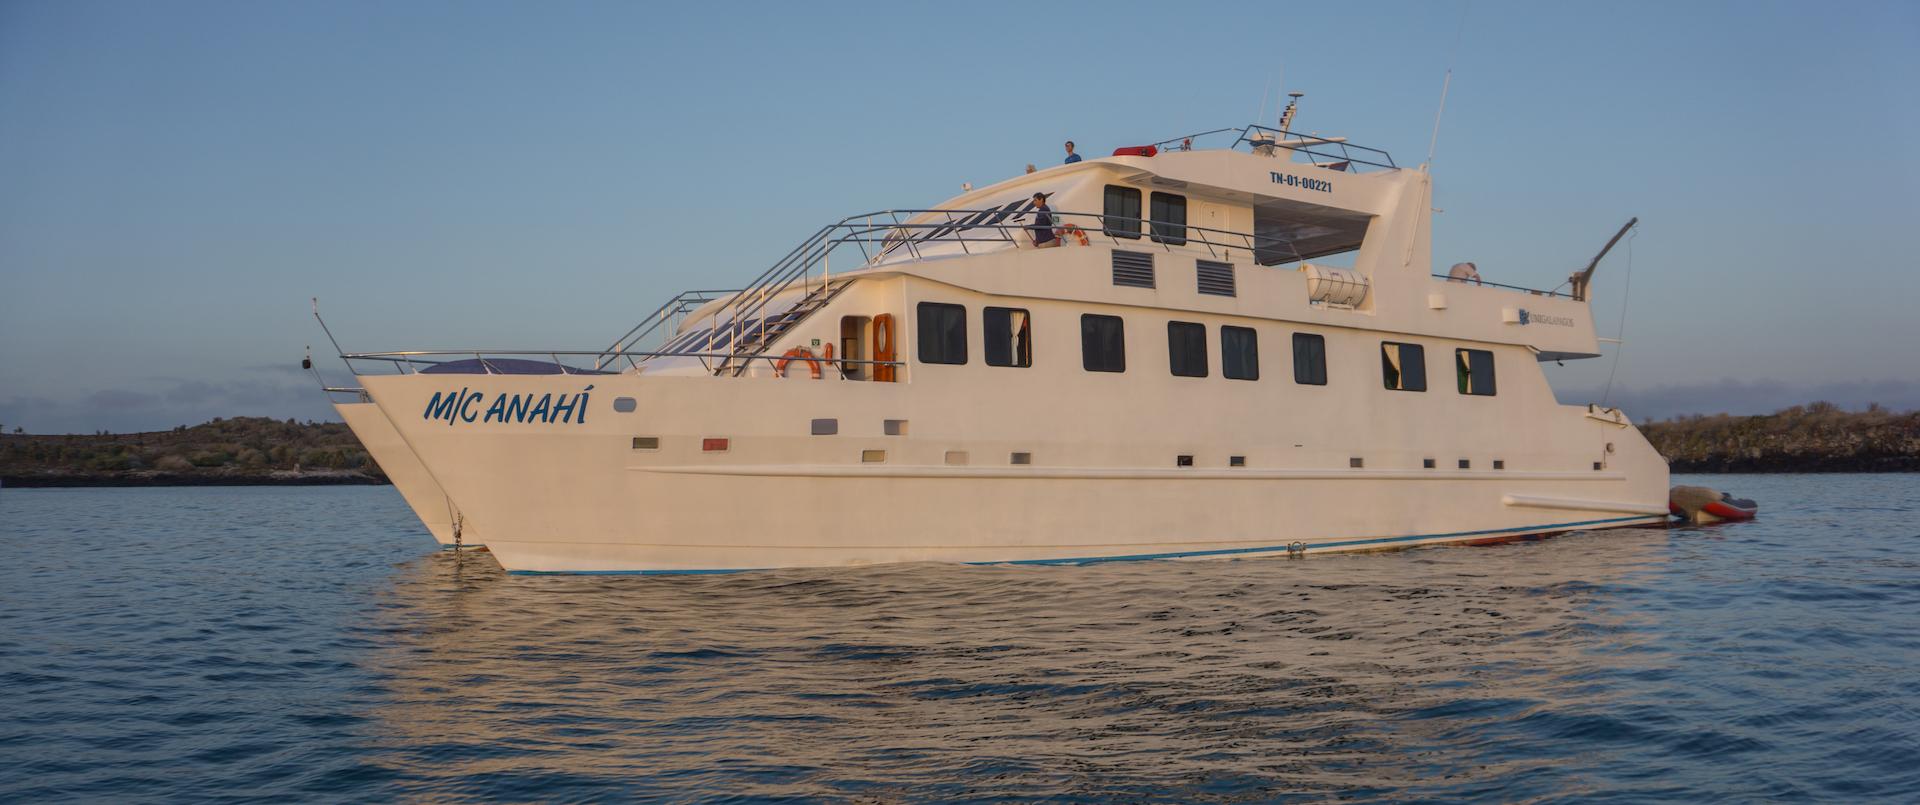 M/C Anahi Galapagos Yacht